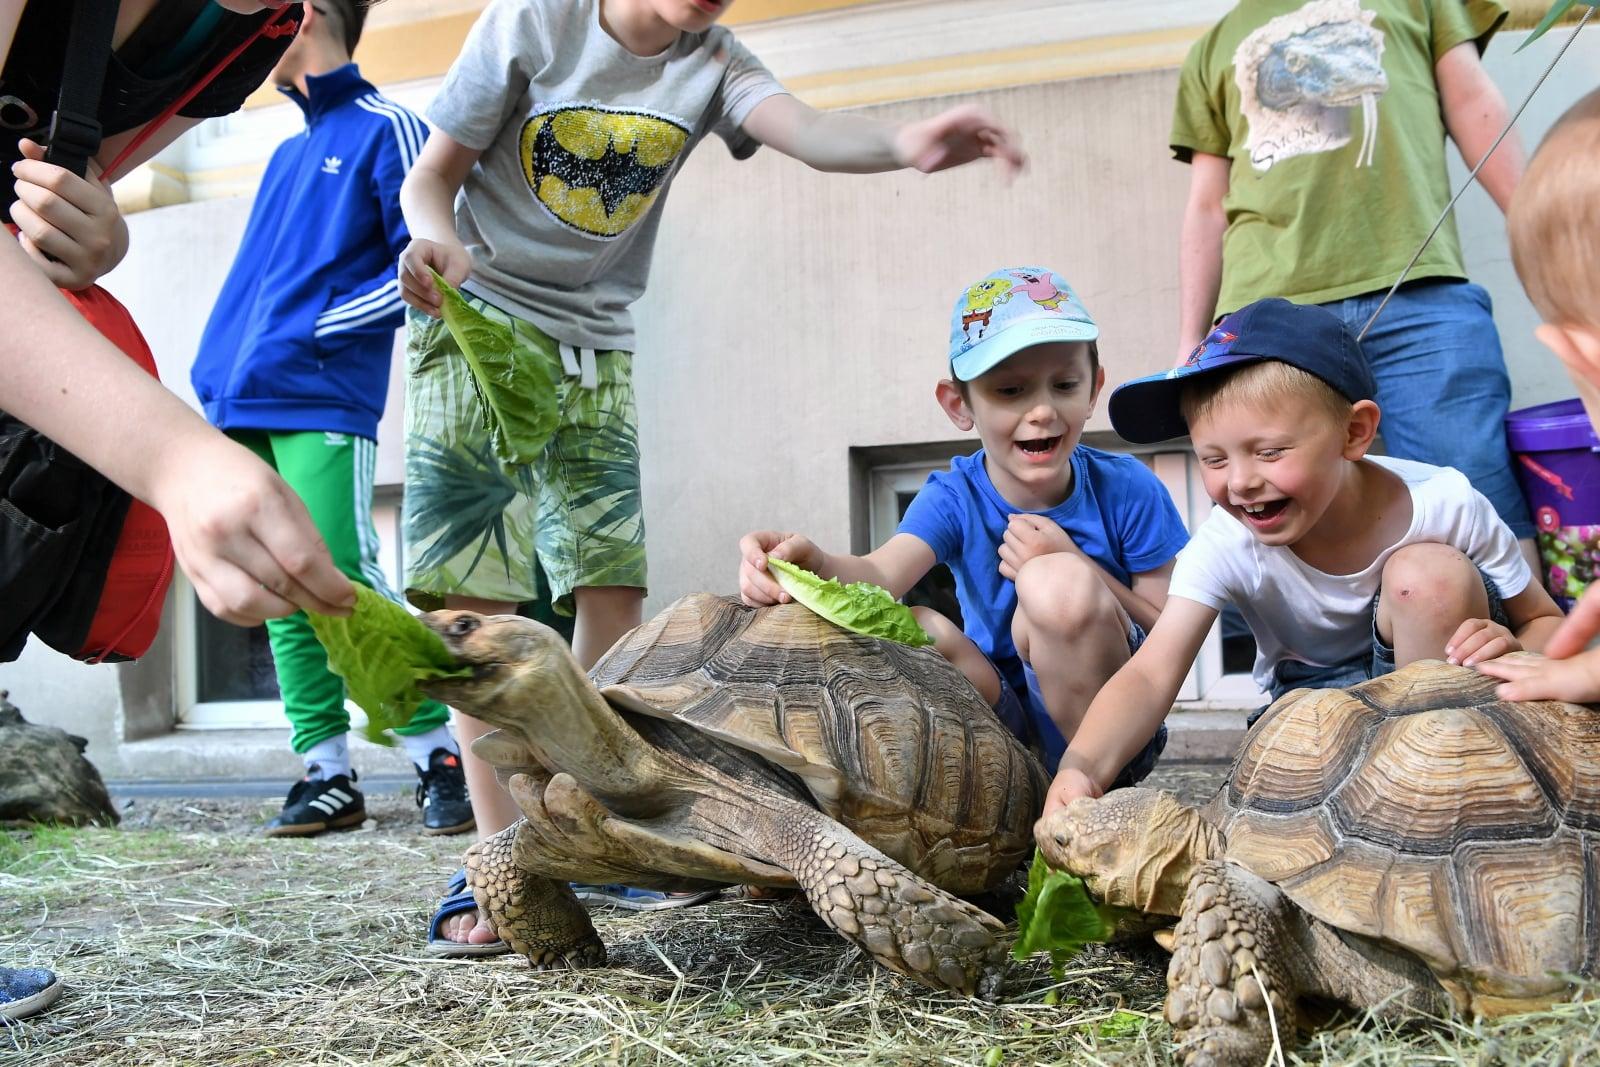 Dzieci i dorośli niepełnosprawni wzięli udział w 12. edycji Wieczoru Marzeń w zoo, 7 bm. we Wrocławiu. Niepełnosprawni uczestniczyli m.in. w pokazowych karmieniach zwierząt, a także obserwowali zwierzęta Terrarium i Afrykarium.